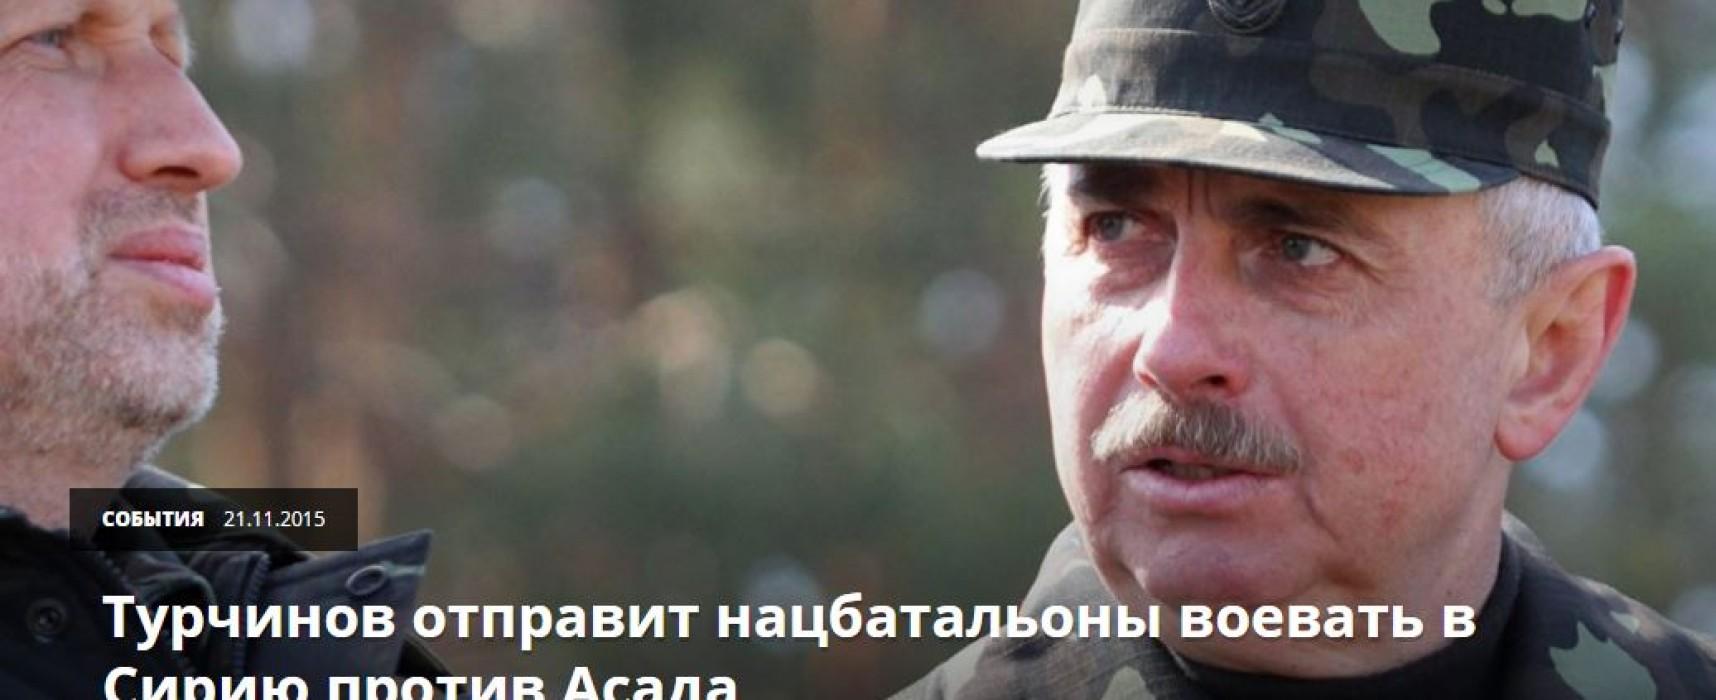 Фейк: Турчинов изпраща в Сирия доброволческите батальони да воюват срещу Асад